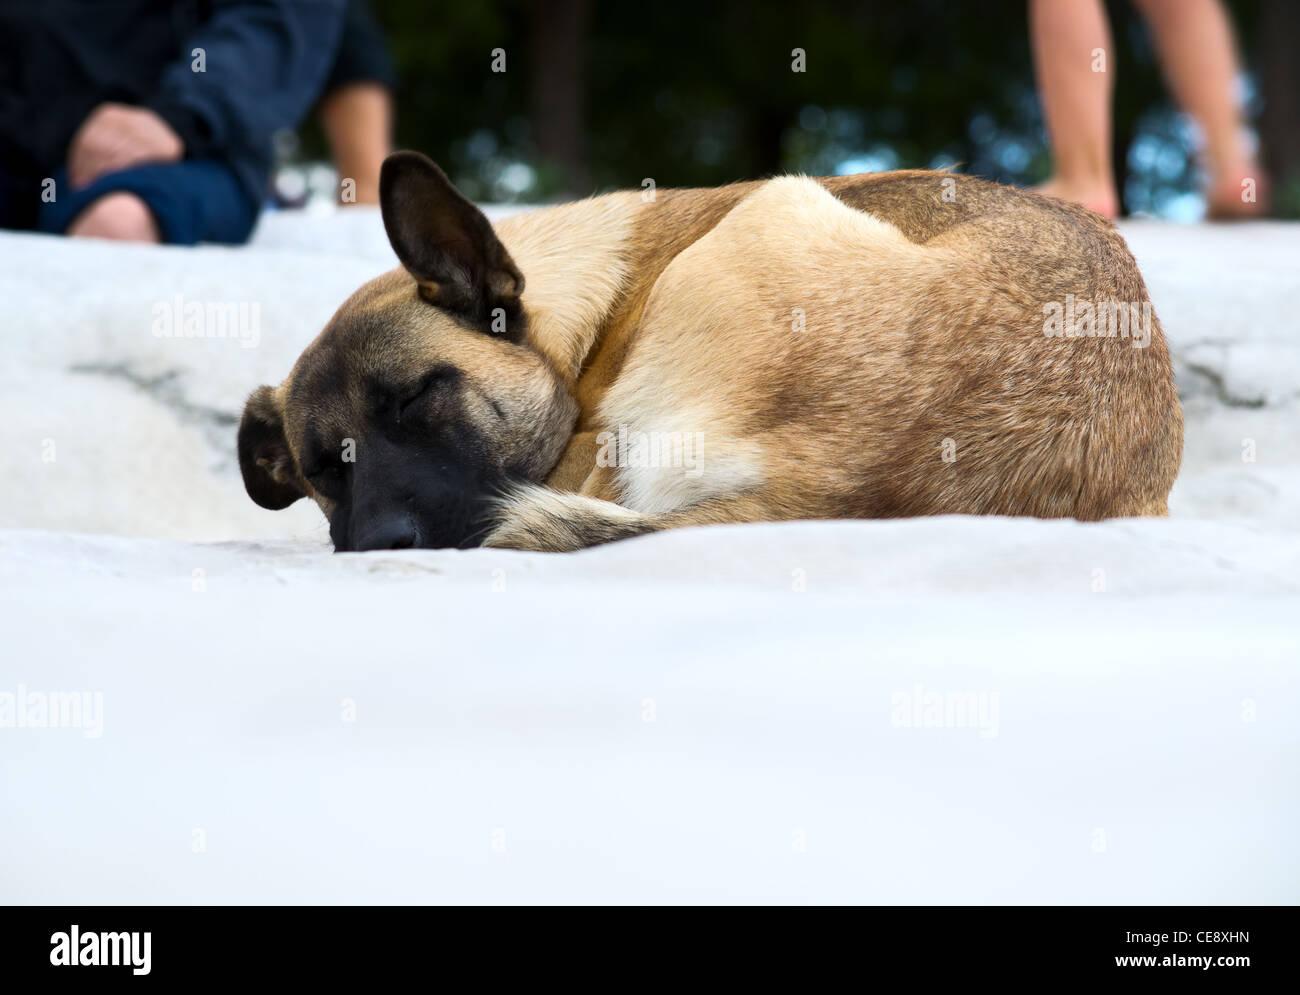 Dog sleeping outdoor - Stock Image